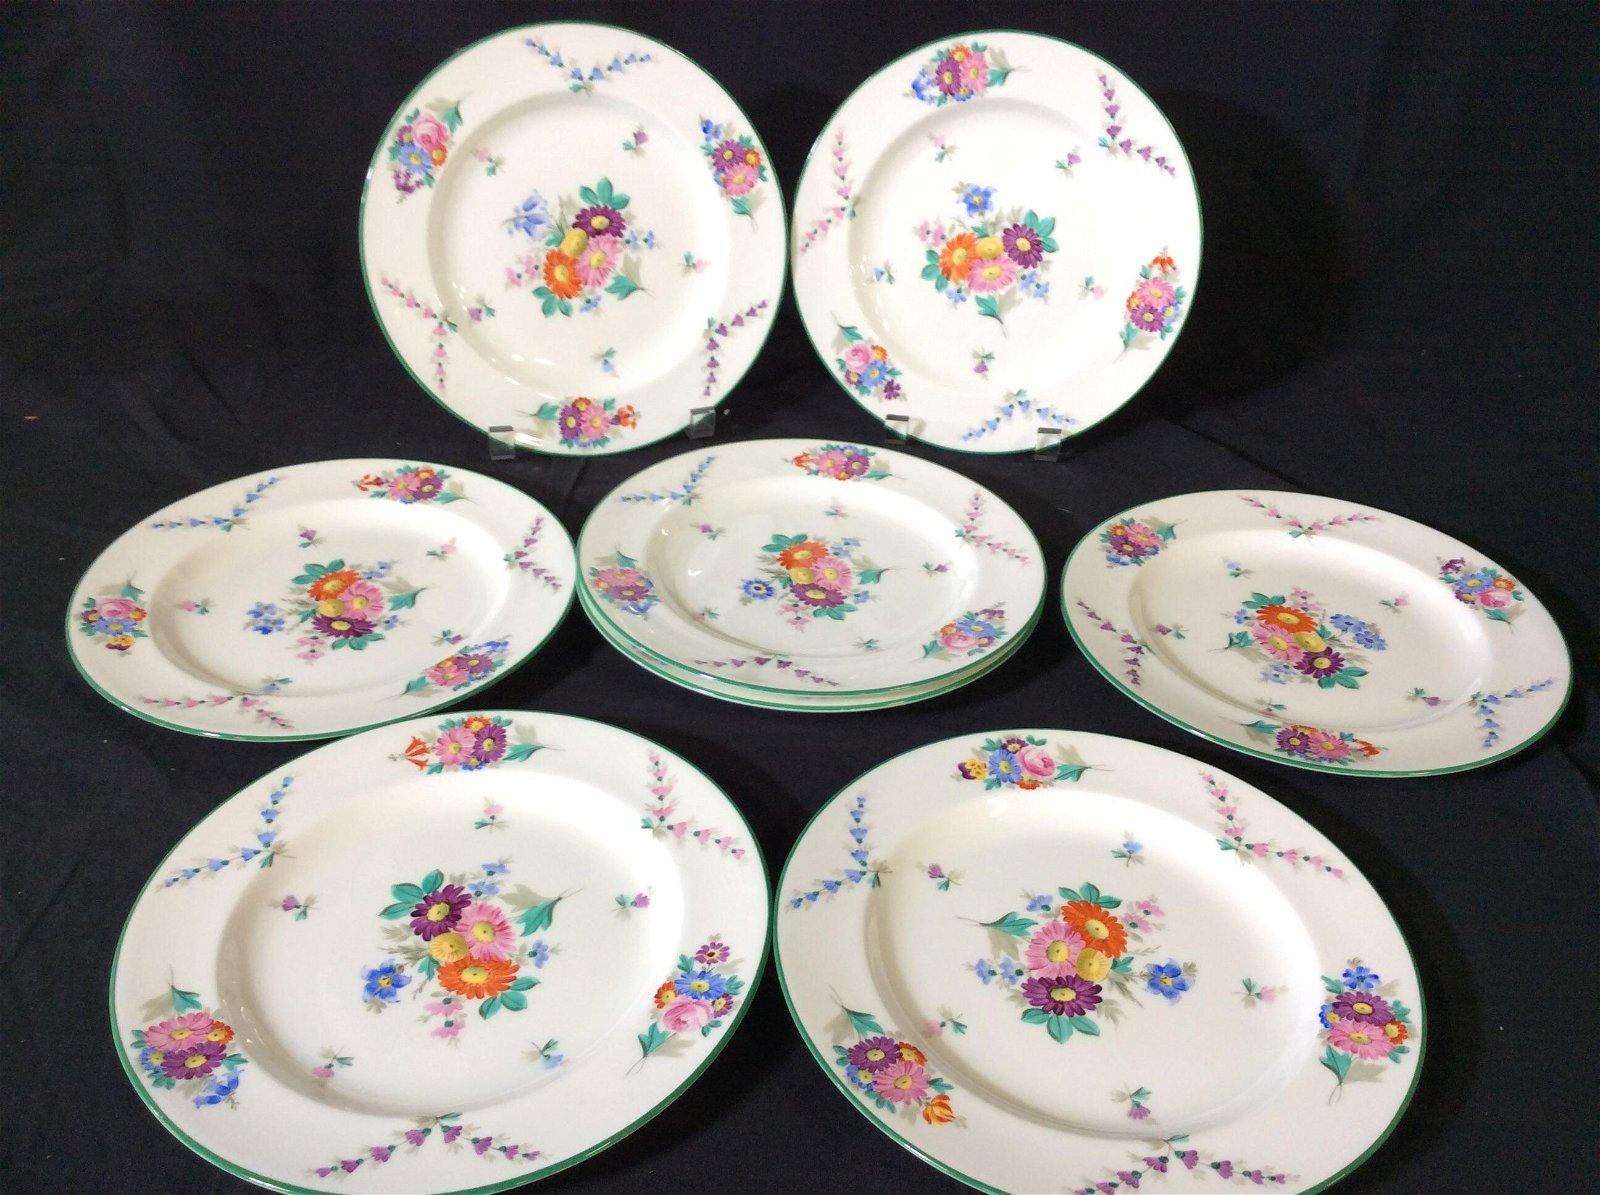 Set 8 Signed Wedgwood Porcelain Plates , England